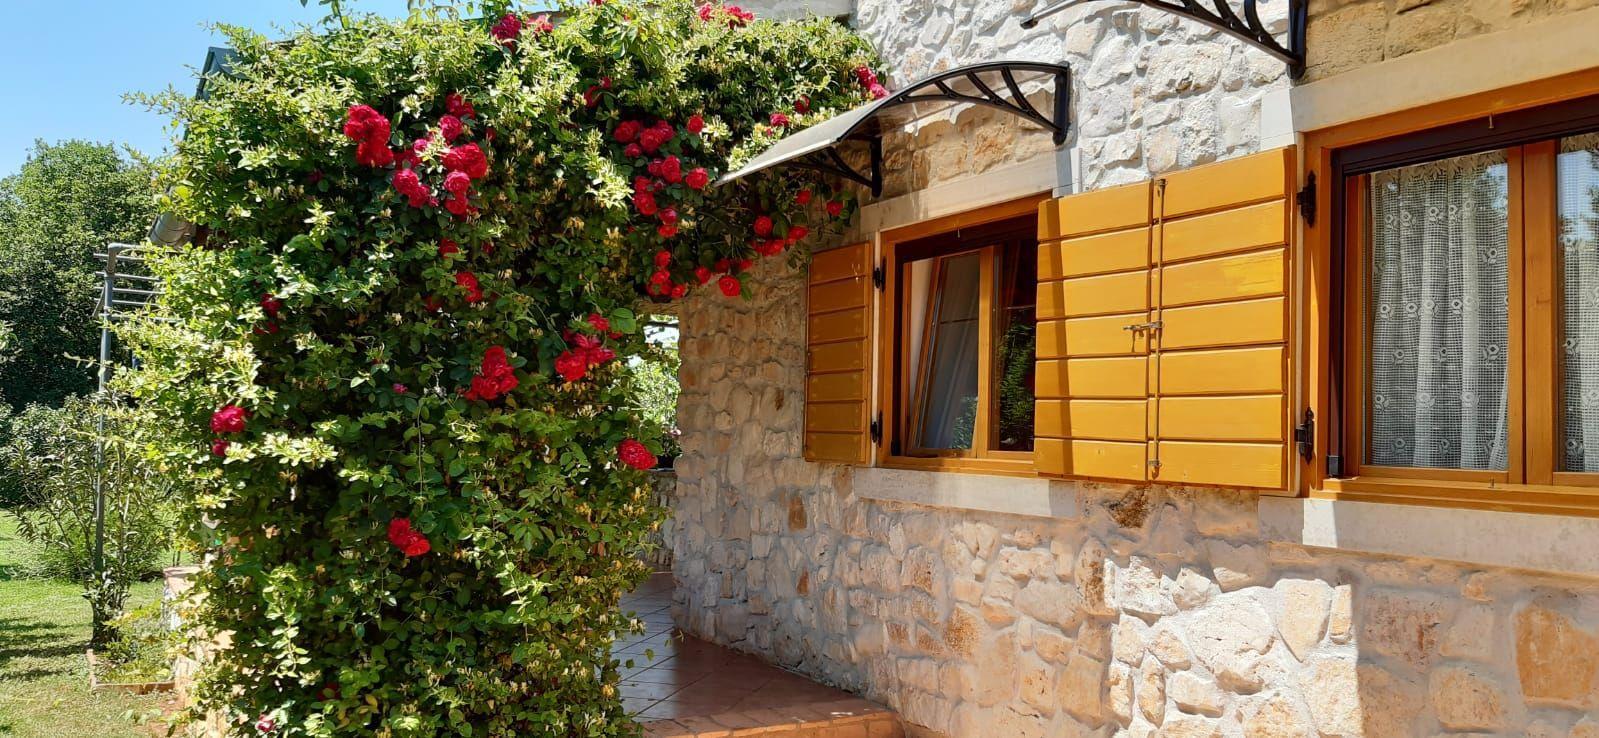 Ferienhaus für 4 Personen ca. 56 m² in M  in Kroatien